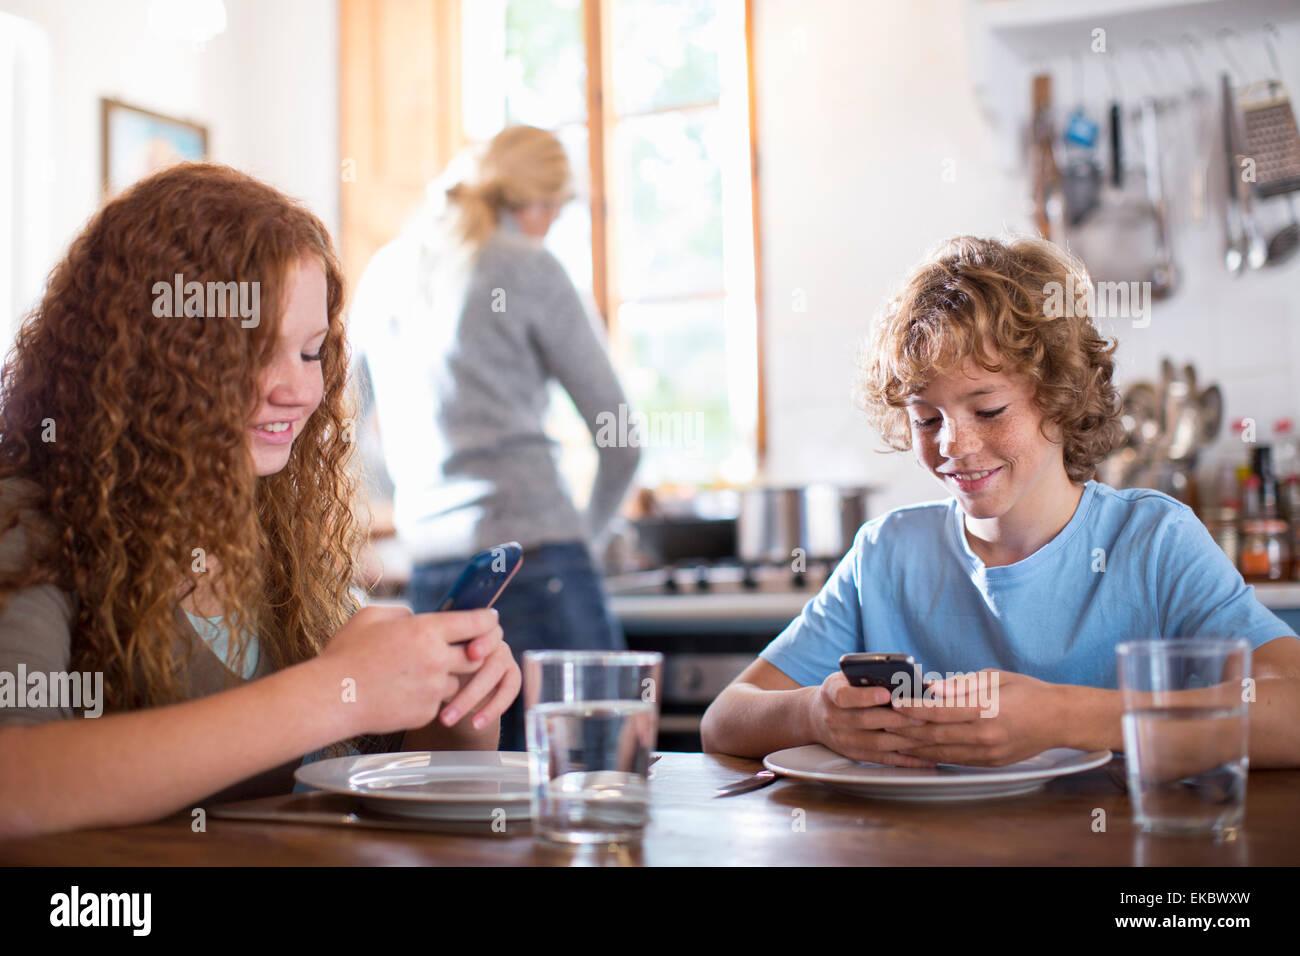 Frères et sœurs en utilisant smartphone à table à manger Photo Stock